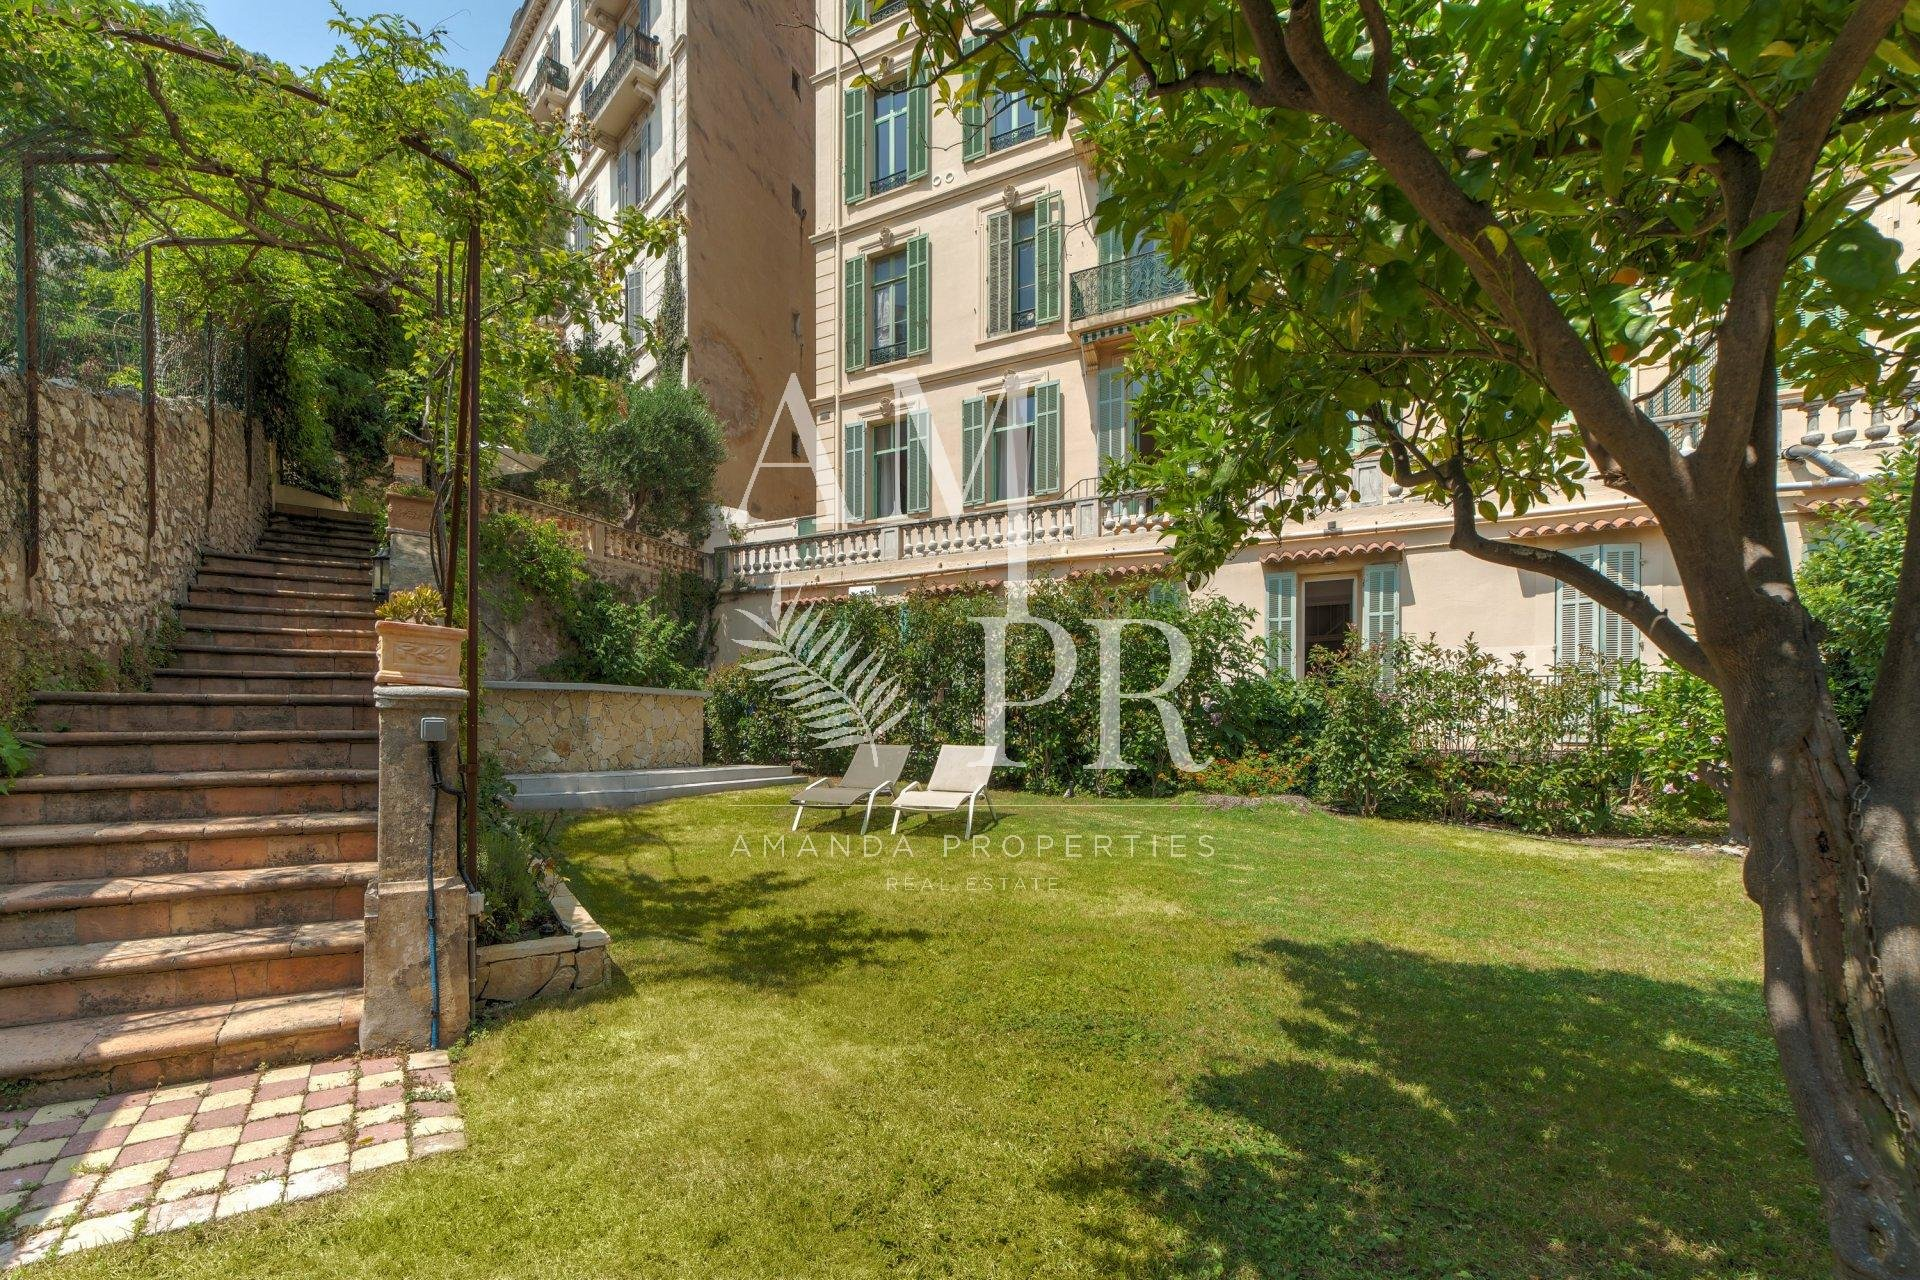 Cannes centre Appartement spacieux 3 chambres jardin  Congrès/Vacances/Weekend/Longues et courtes périodes